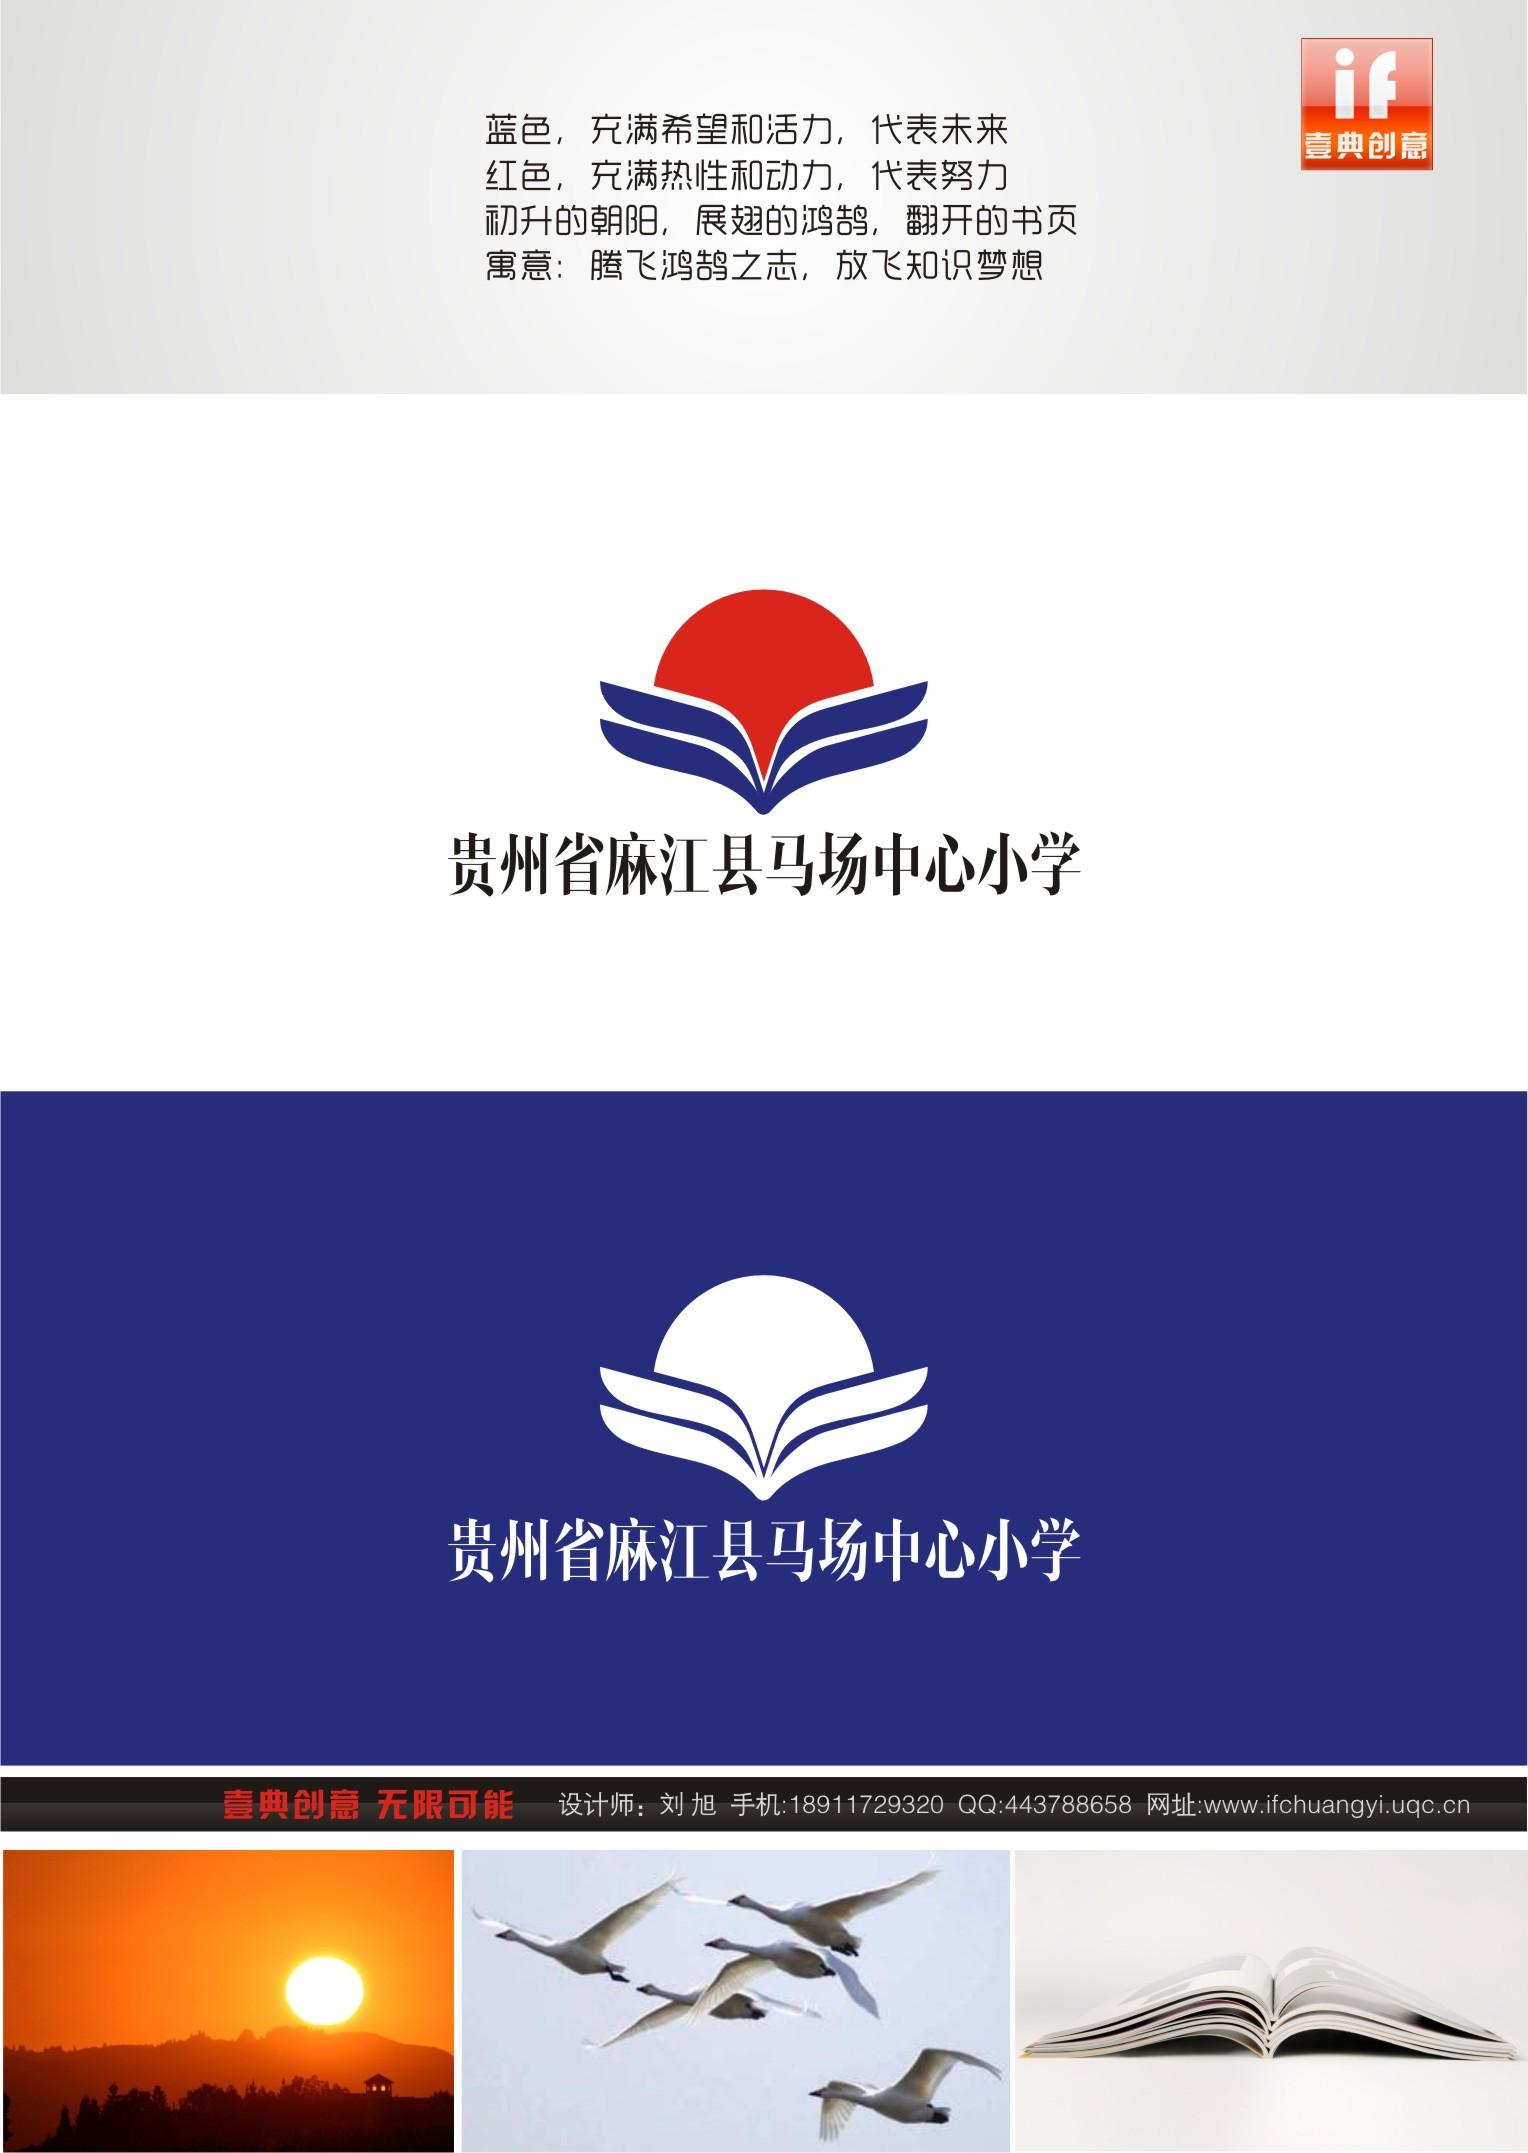 首页 所有任务 设计 商标/vi设计 logo设计 任务详情  举报稿件